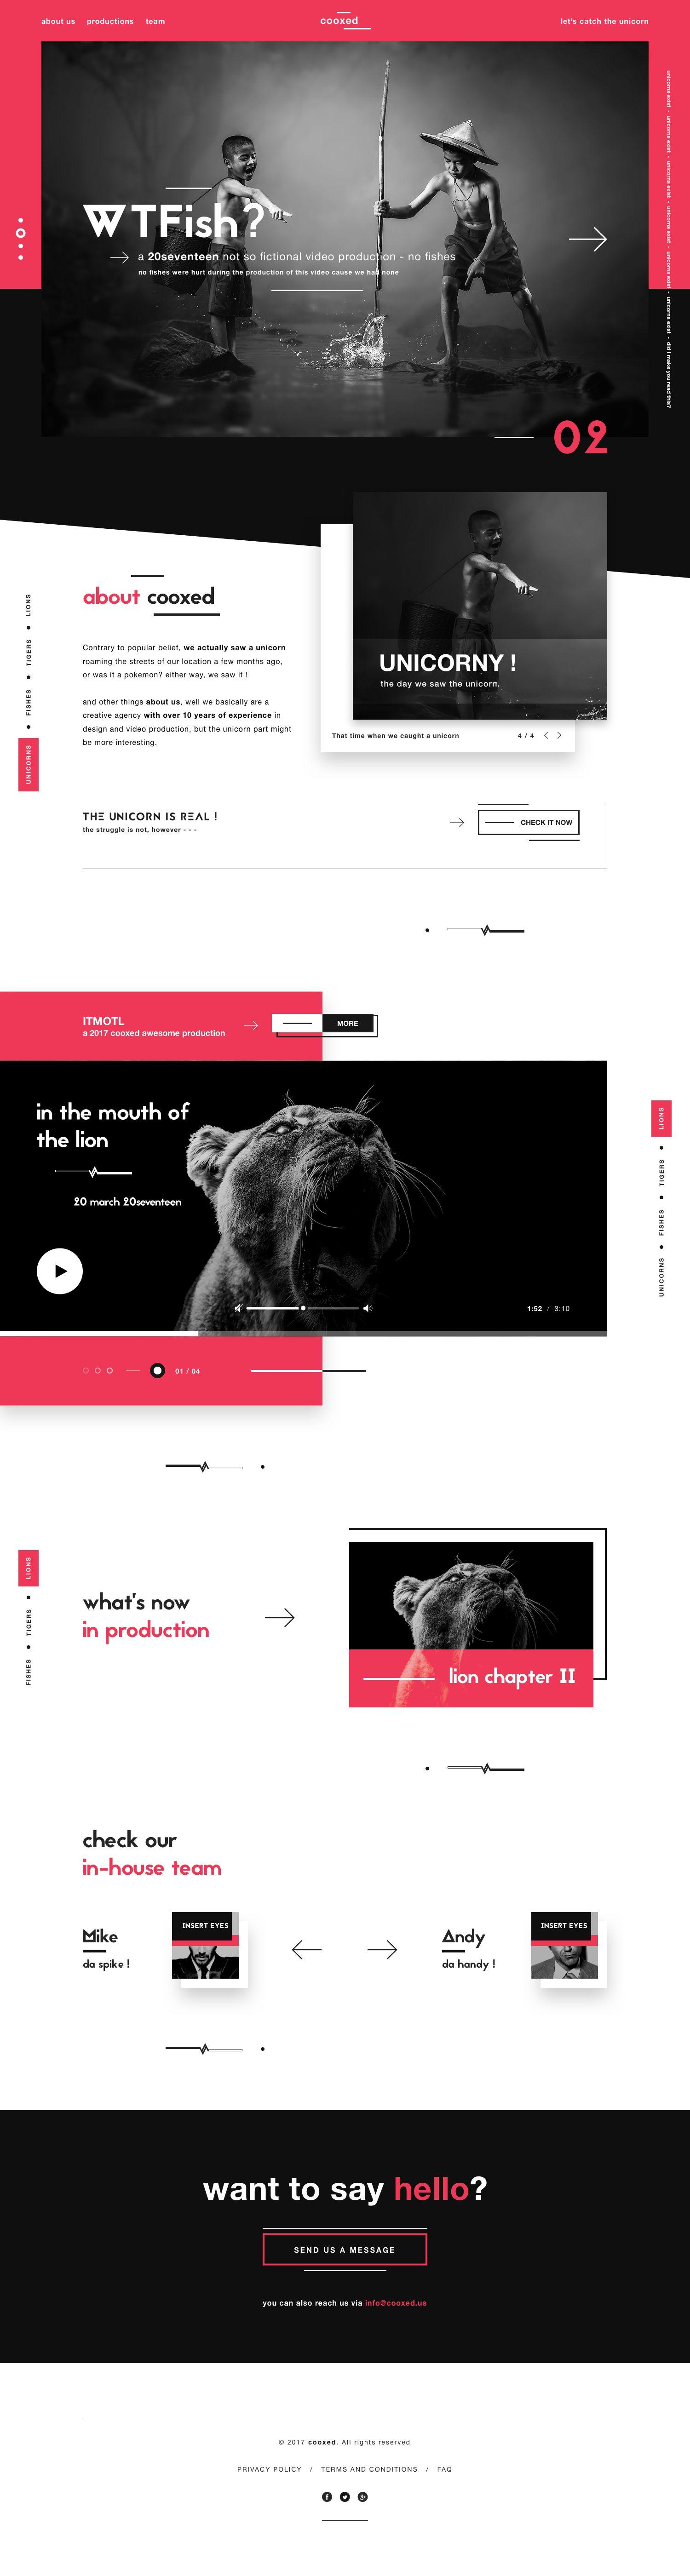 Cooxed Digital Video Agency Landing Page Funky Dribbble Modern V3 Modern Web Design Web Development Design Mobile Web Design